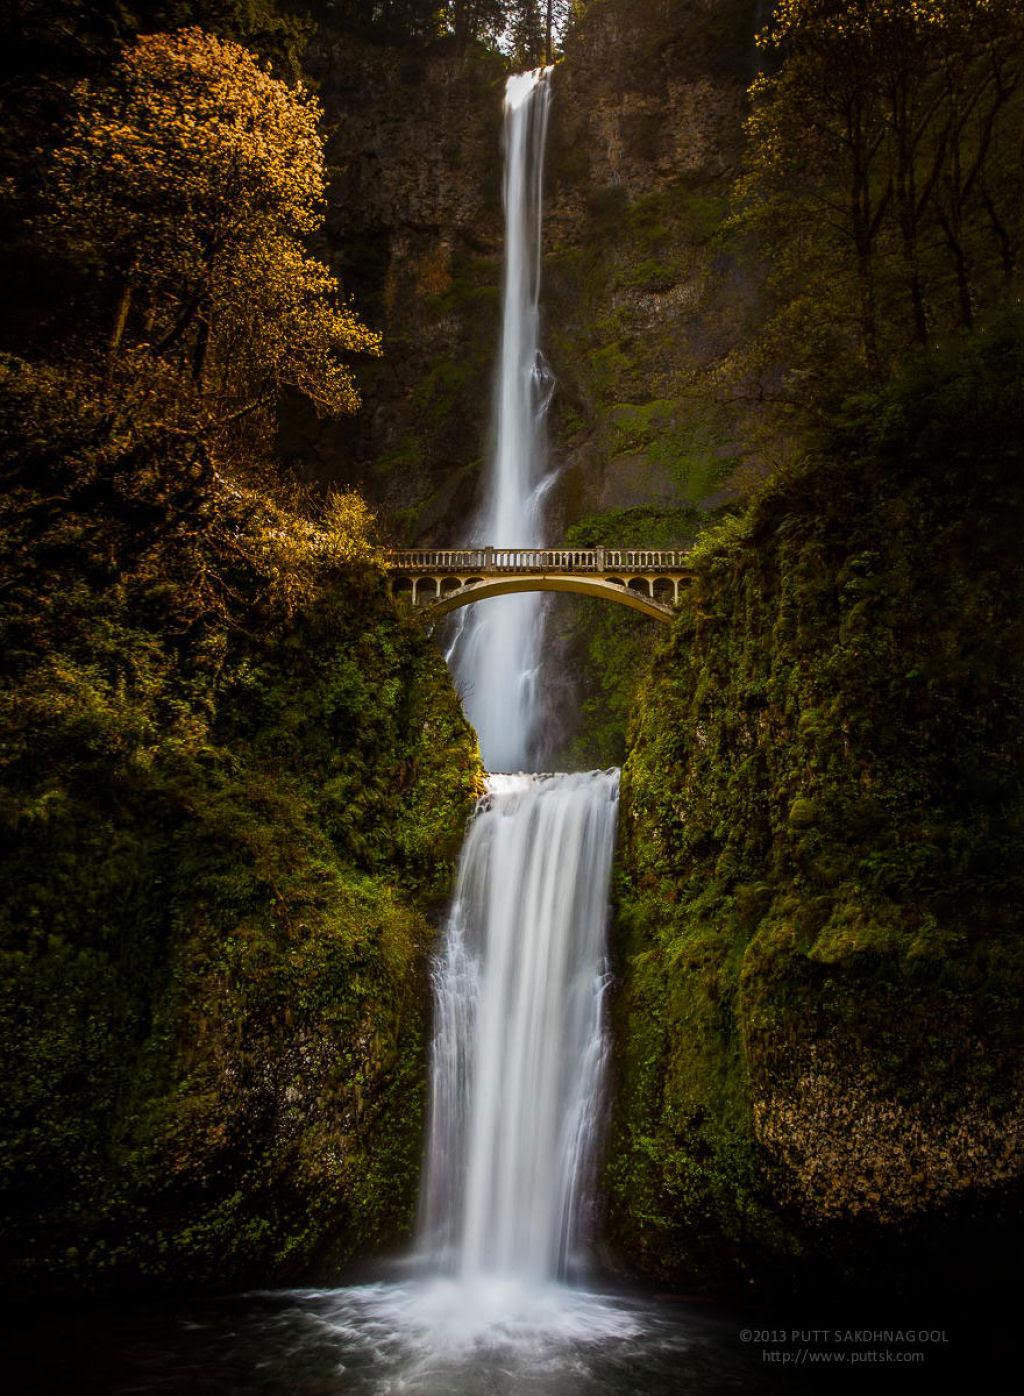 30 pontes místicas que podem nos levar a um outro mundo 04